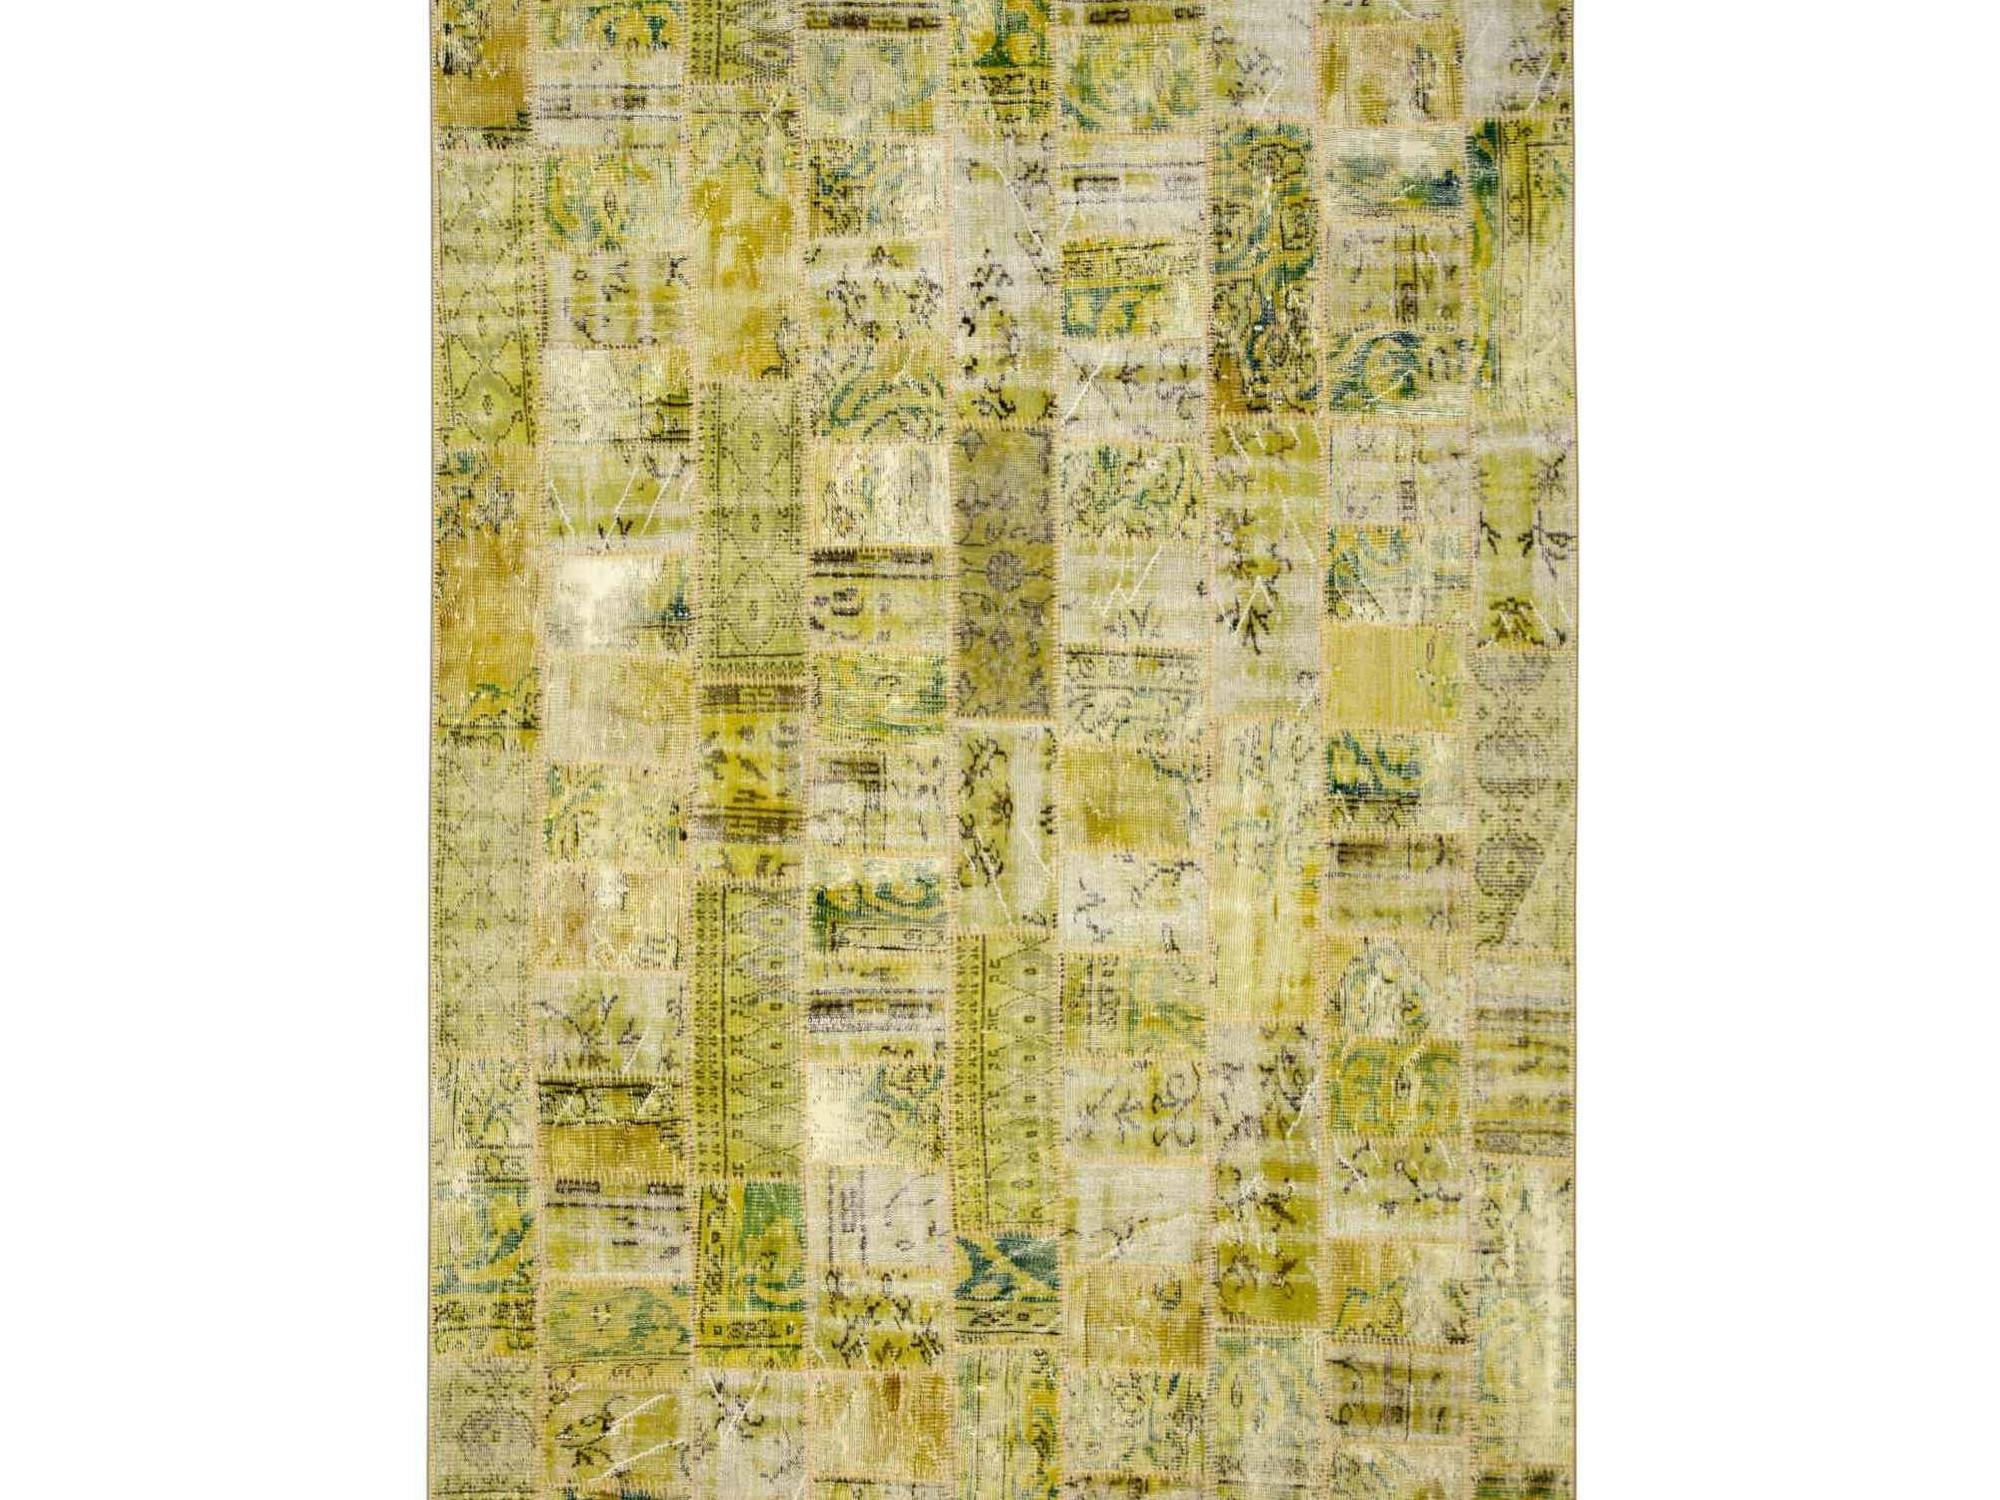 Ковер PatchworkПрямоугольные ковры<br>Винтажный ковер ручной работы в стиле &amp;quot;пэчворк&amp;quot; <br>из 100% шерсти. Ковер прекрасно подходит в <br>любые современные и классические интерьеры, <br>а благодаря толщине ковра всего 5 мм. и отсутствию <br>ворса, его легко чистить любыми видами пылесосов. <br>Этот настоящий ковер ручной работы не потеряет <br>своих красок и будет служить десятилетия.<br><br>Material: Шерсть<br>Ширина см: 197<br>Глубина см: 306